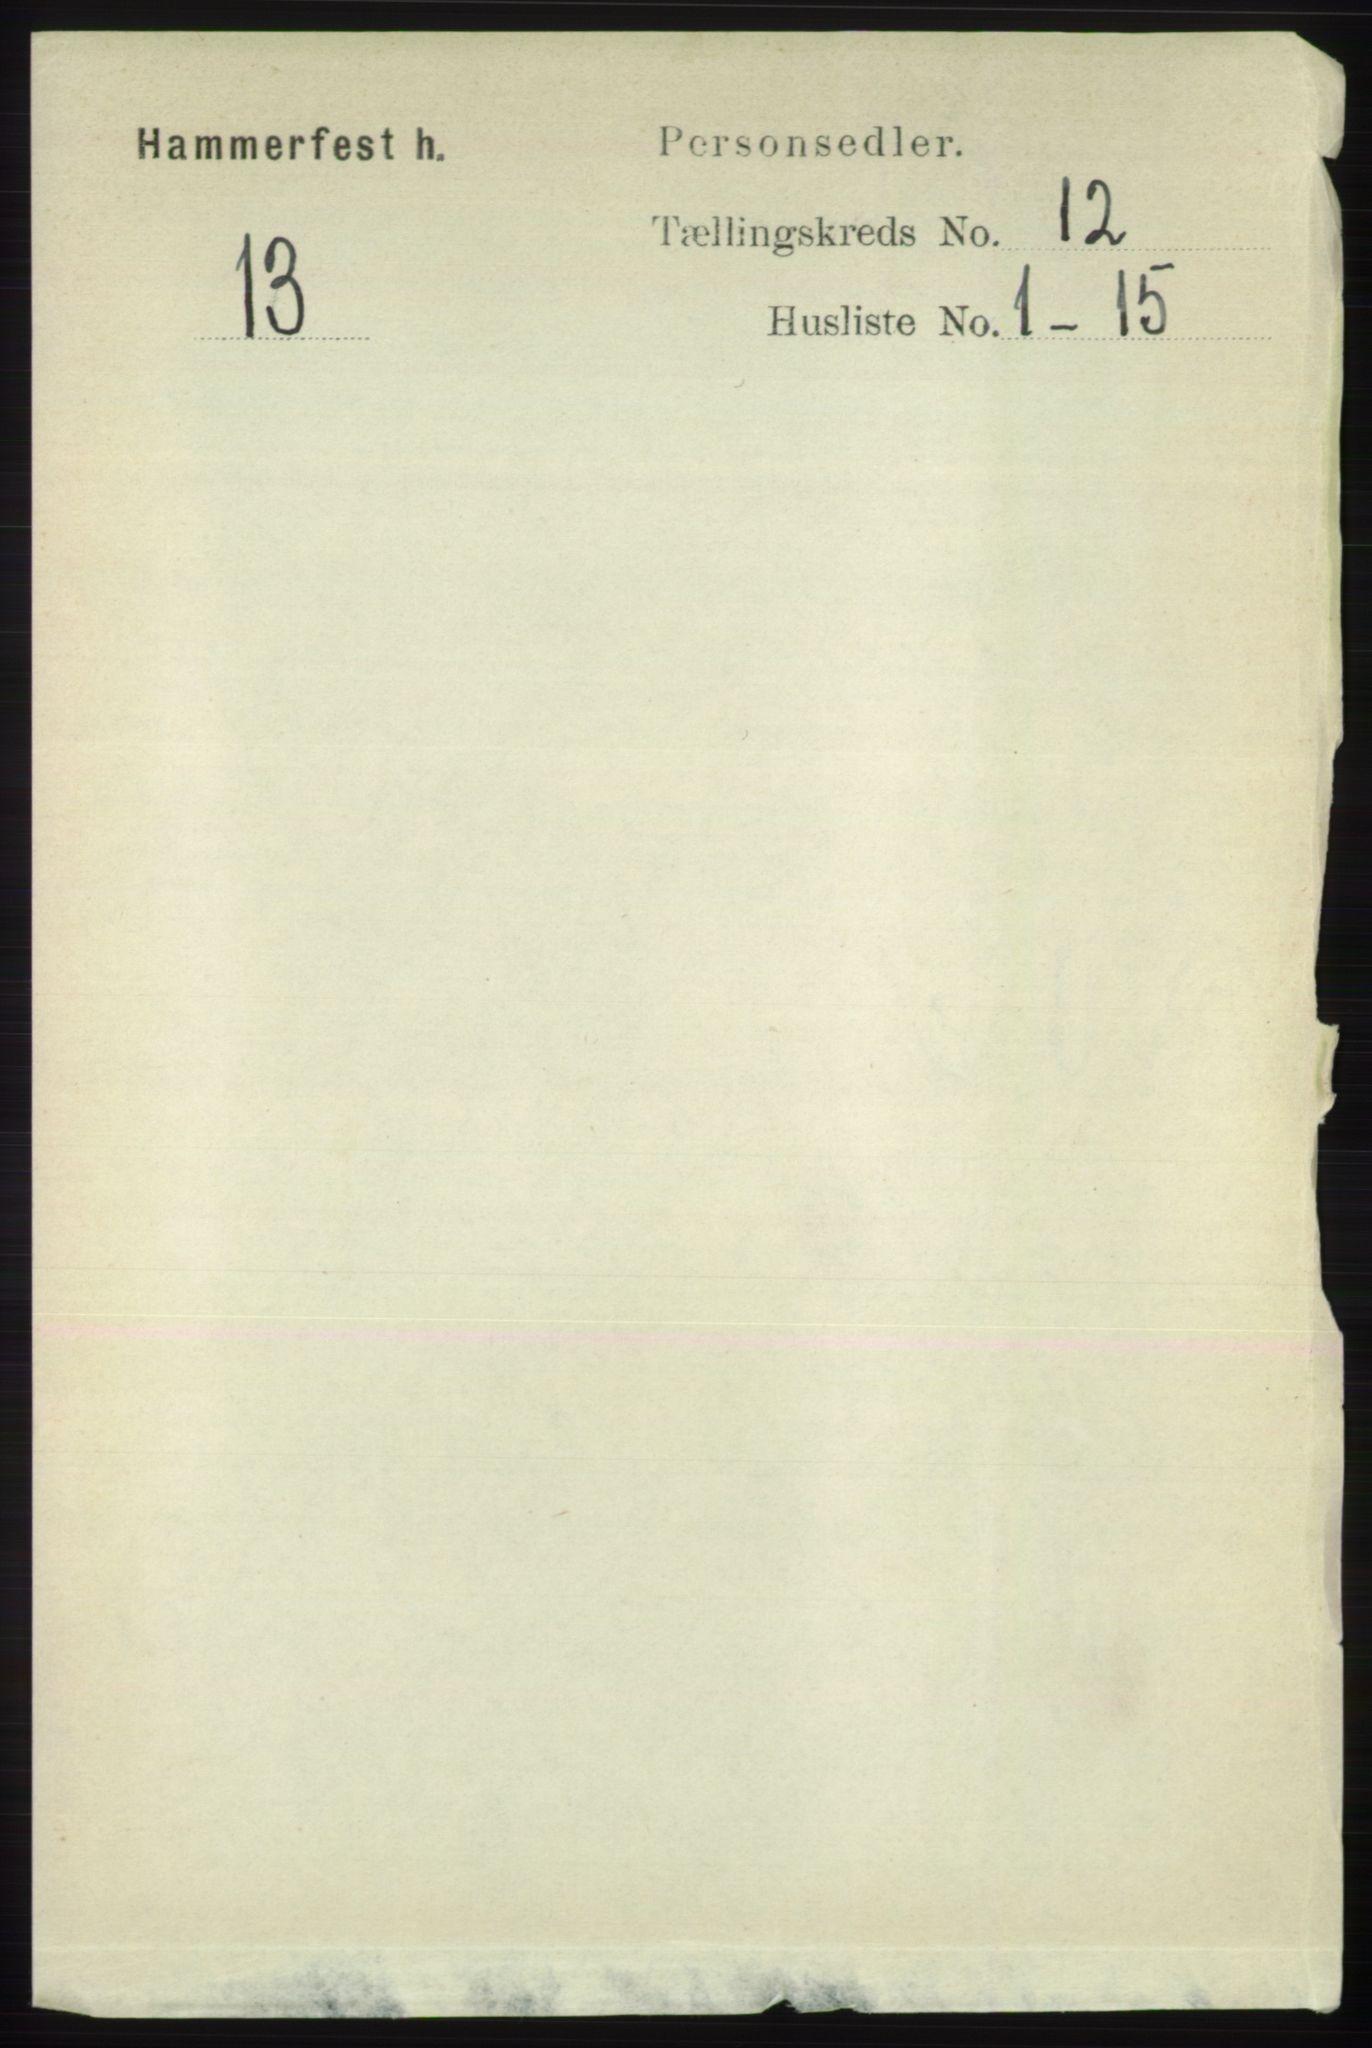 RA, Folketelling 1891 for 2016 Hammerfest herred, 1891, s. 1103